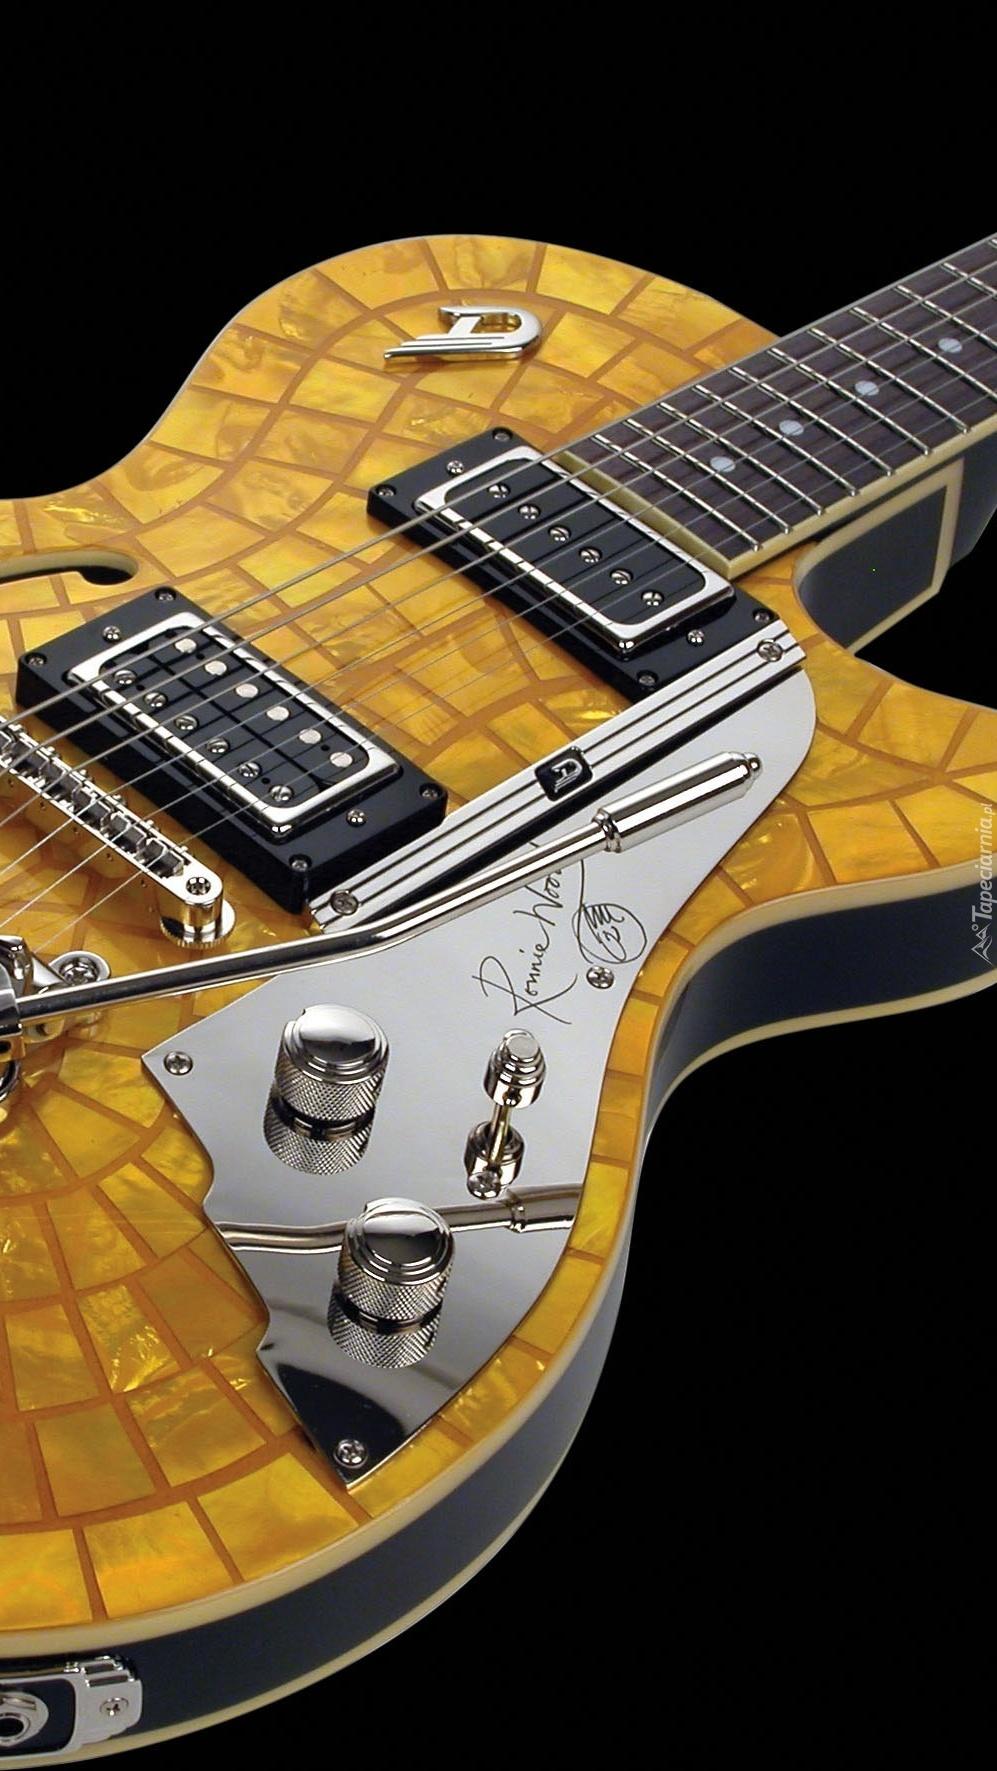 Podpisana gitara